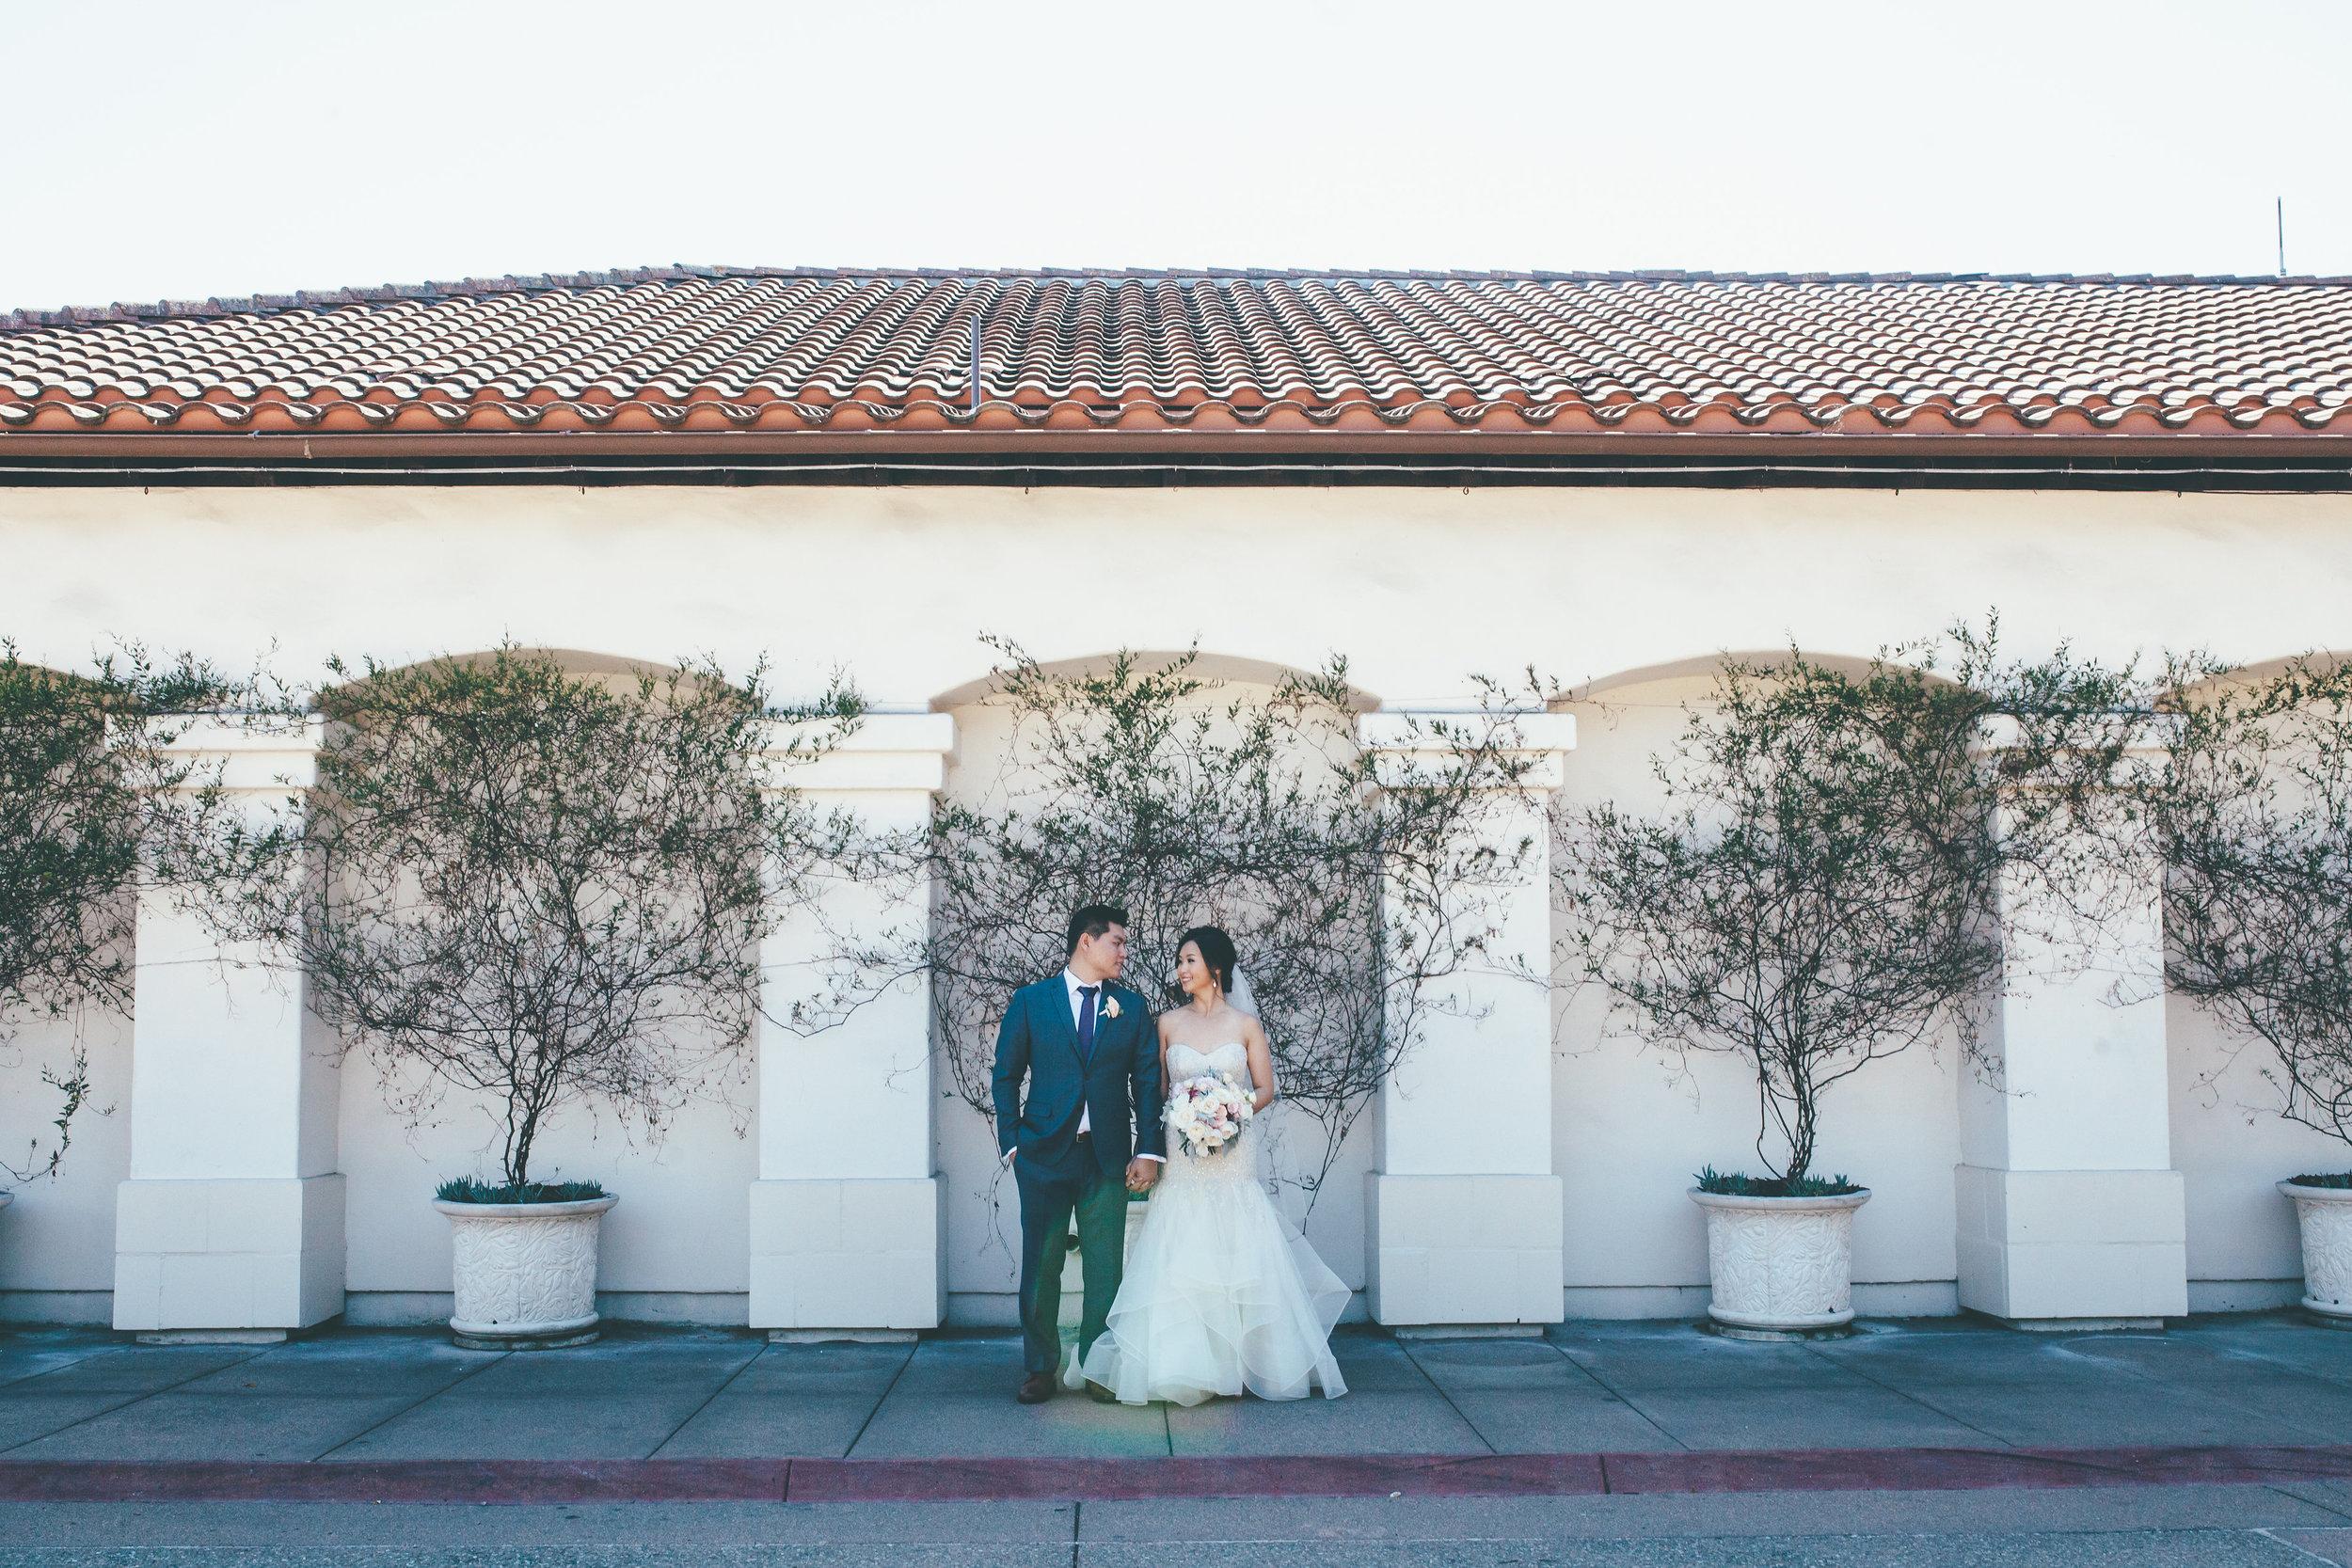 Real KJ bride   Photo by Vivian Sachs